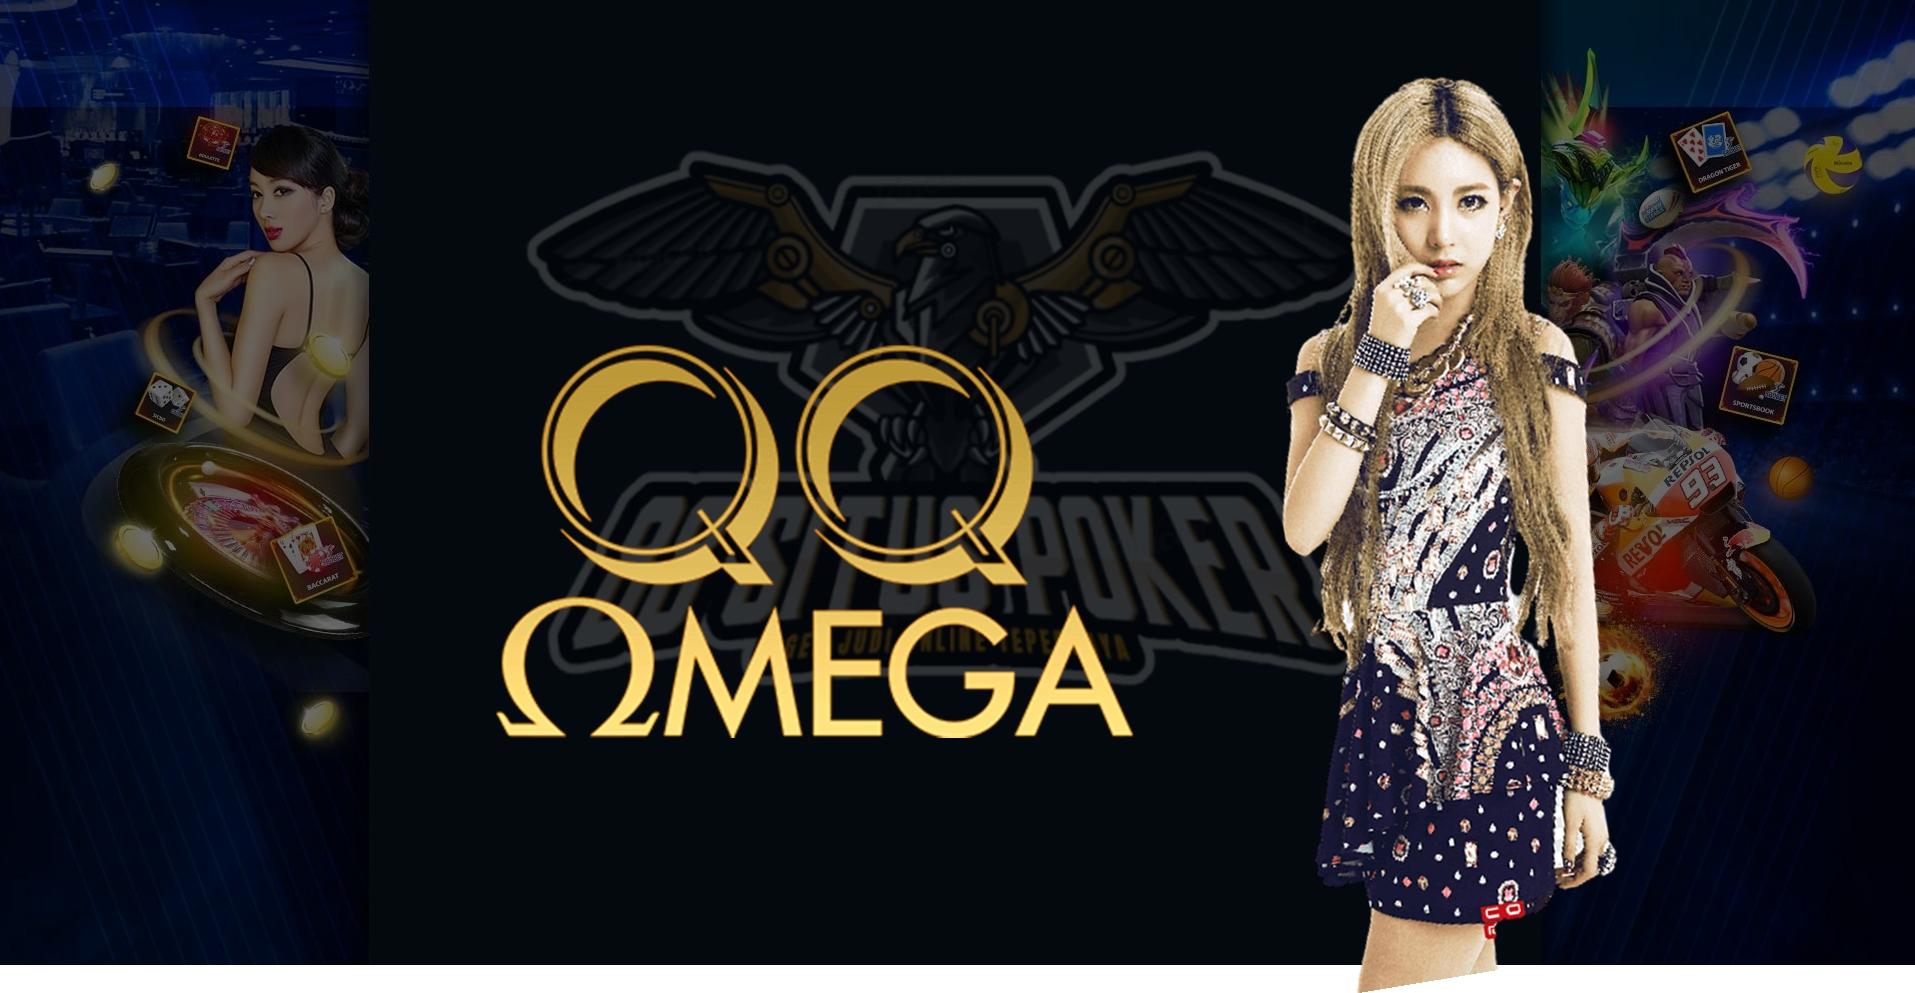 Situs Daftar QQomega Online